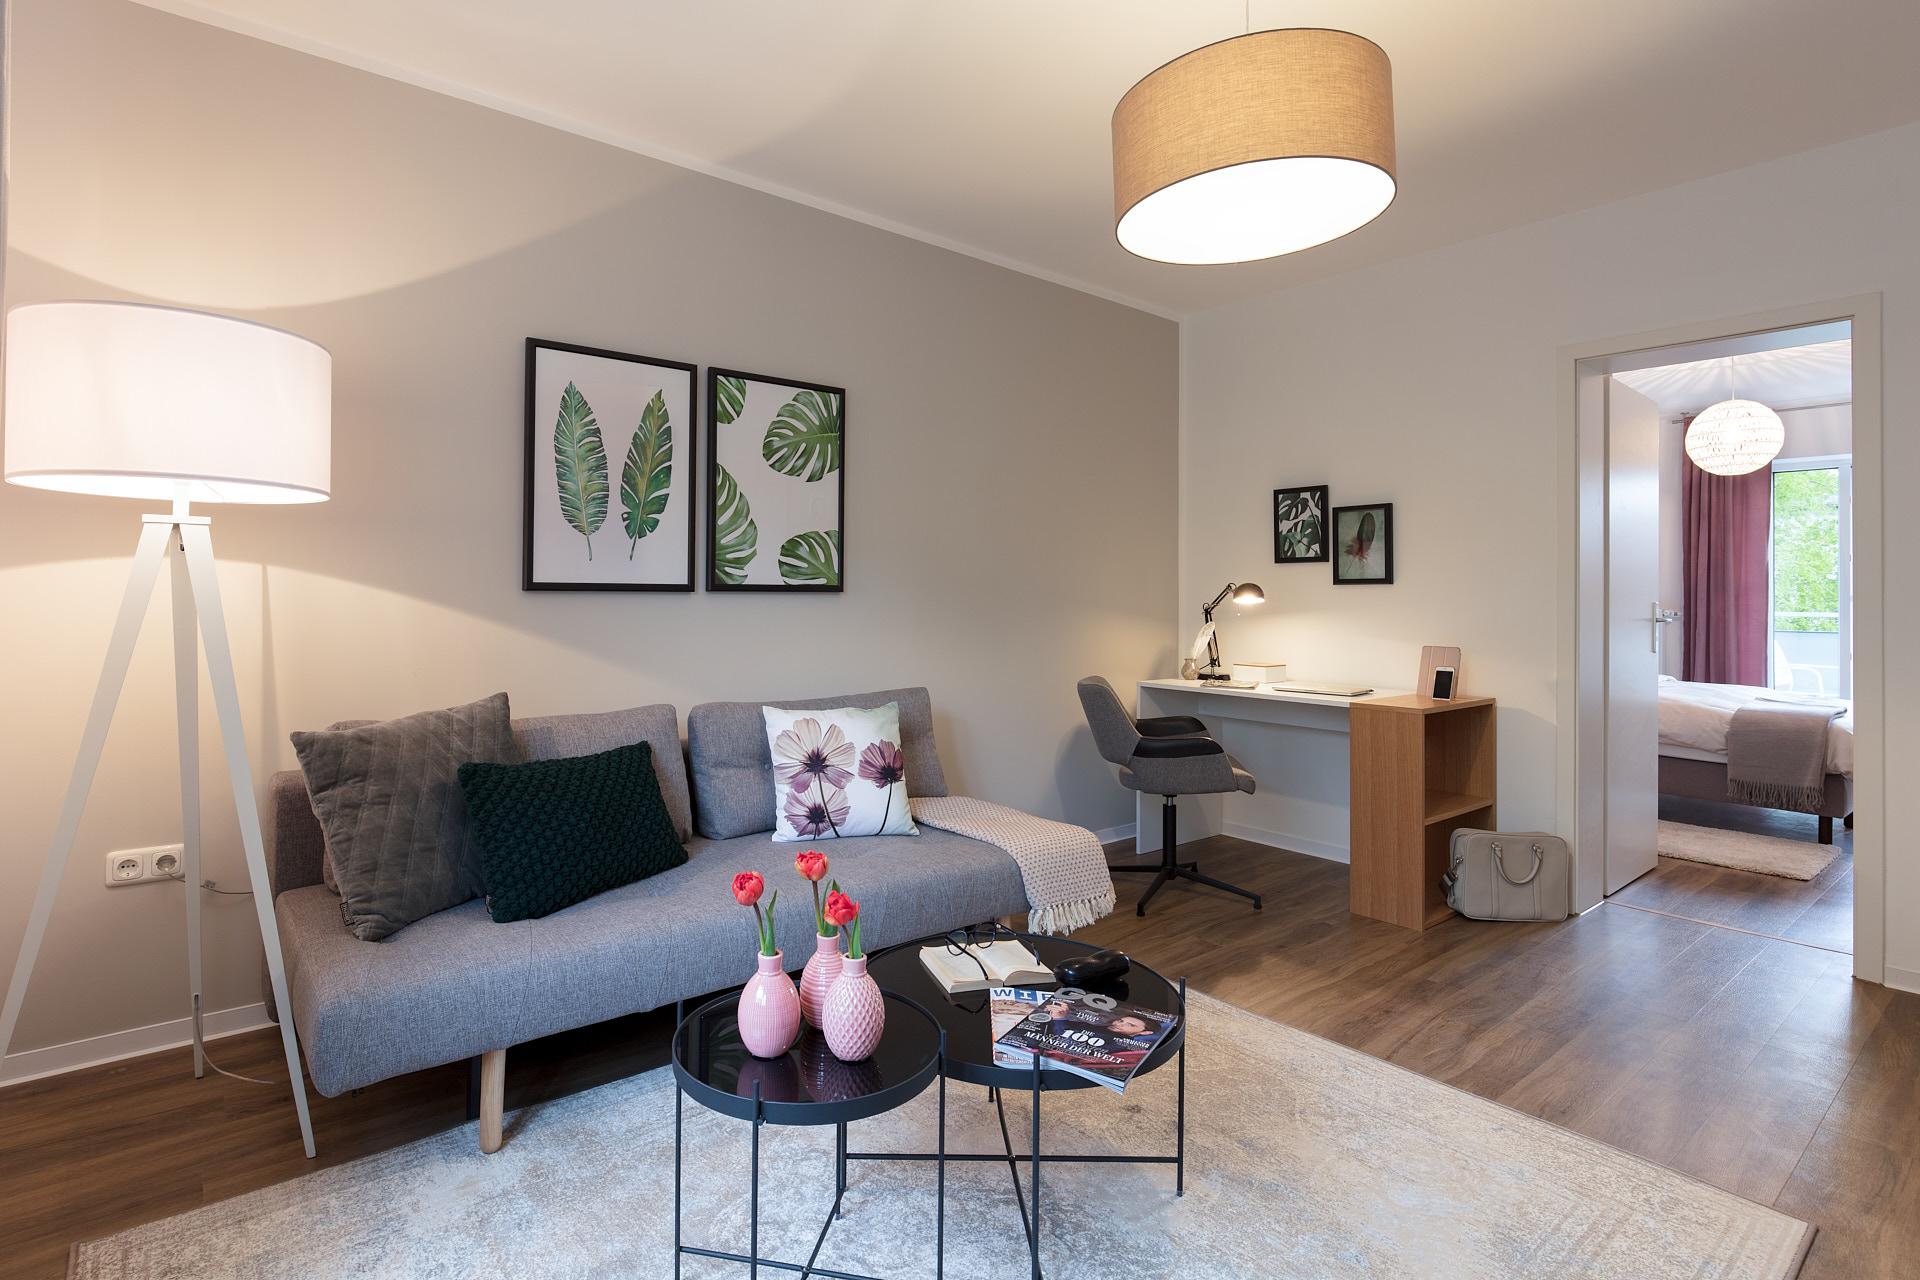 Gemütlicher Wohnbereich eines kleinen Apartments mit separatem Arbeitsbereich.